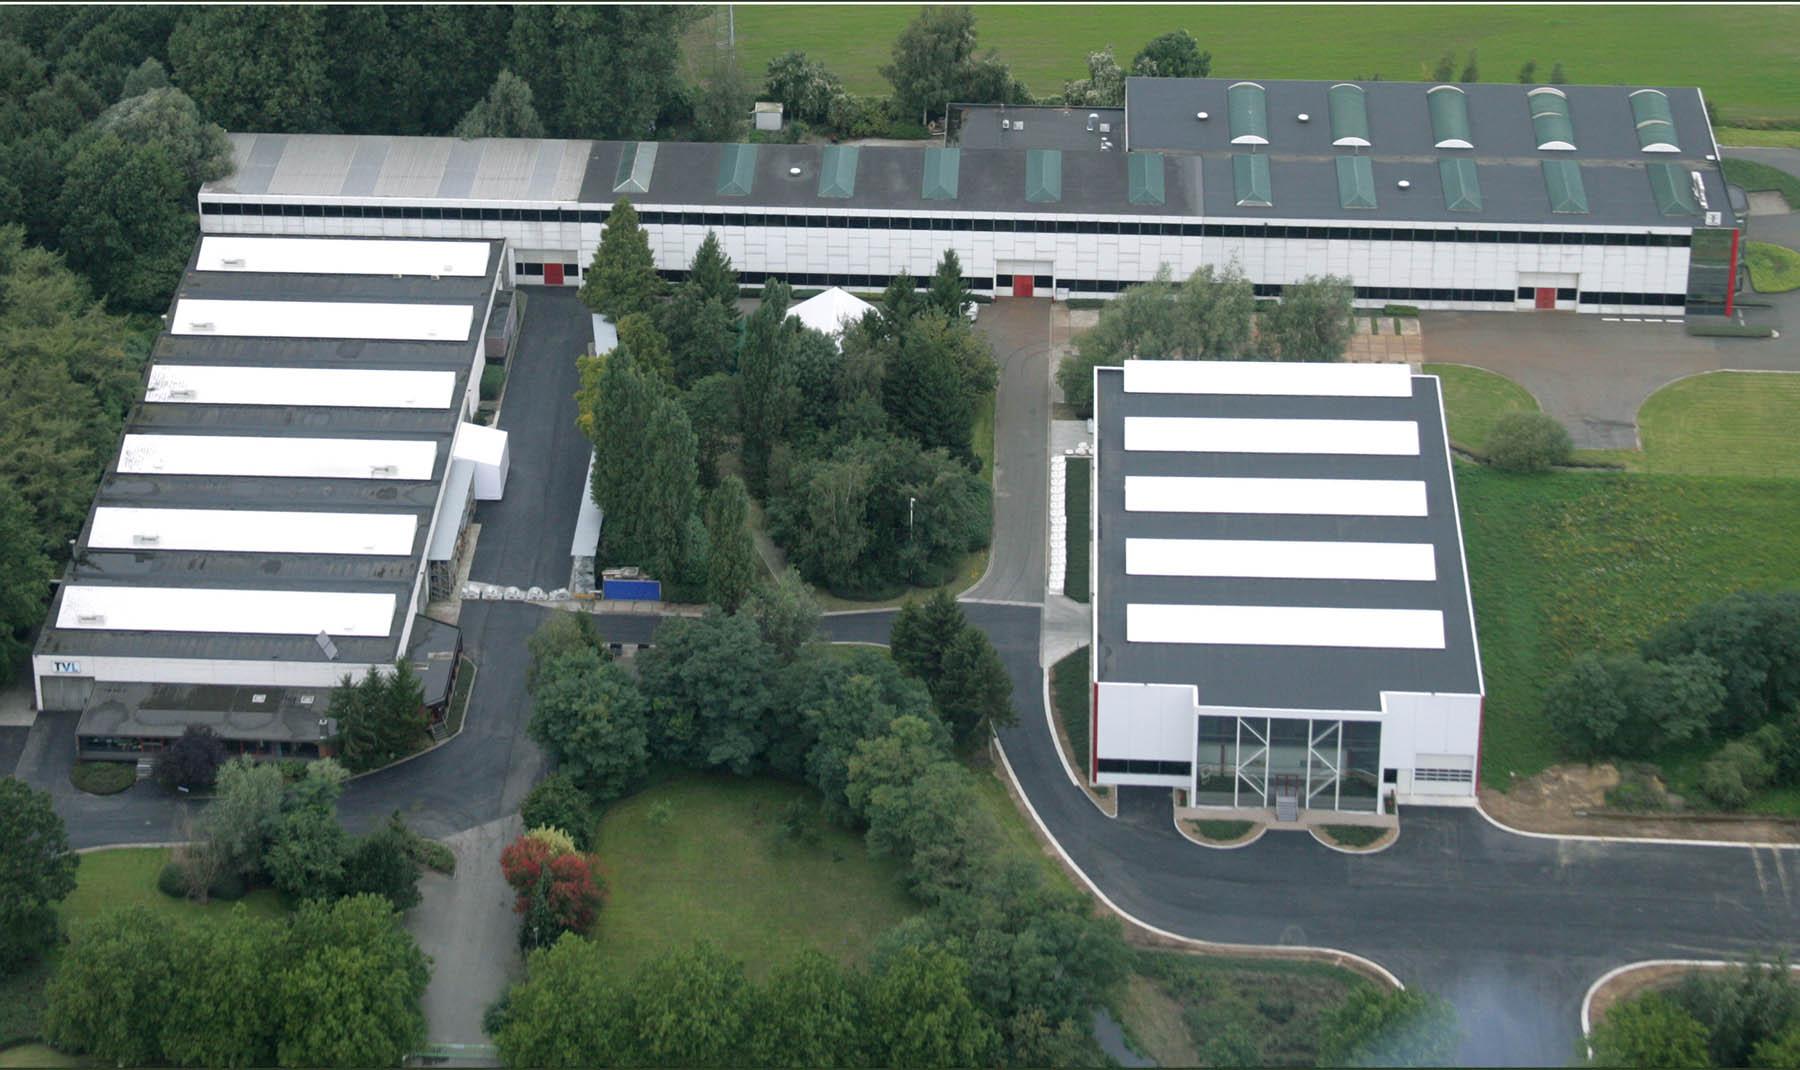 Konstruktiewerkhuizen Van Landuyt moved to Zele, extra warehouse space for TVL